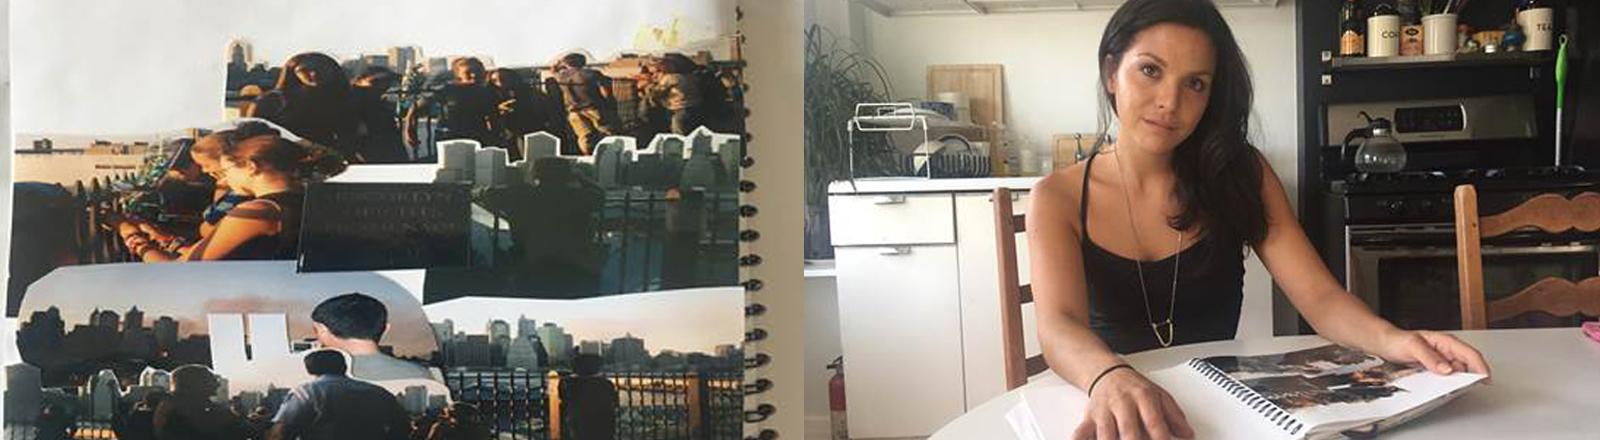 Rivca in ihrer Küche mit einem Album, das sie nach den Terroranschlägen gebastelt hatte.